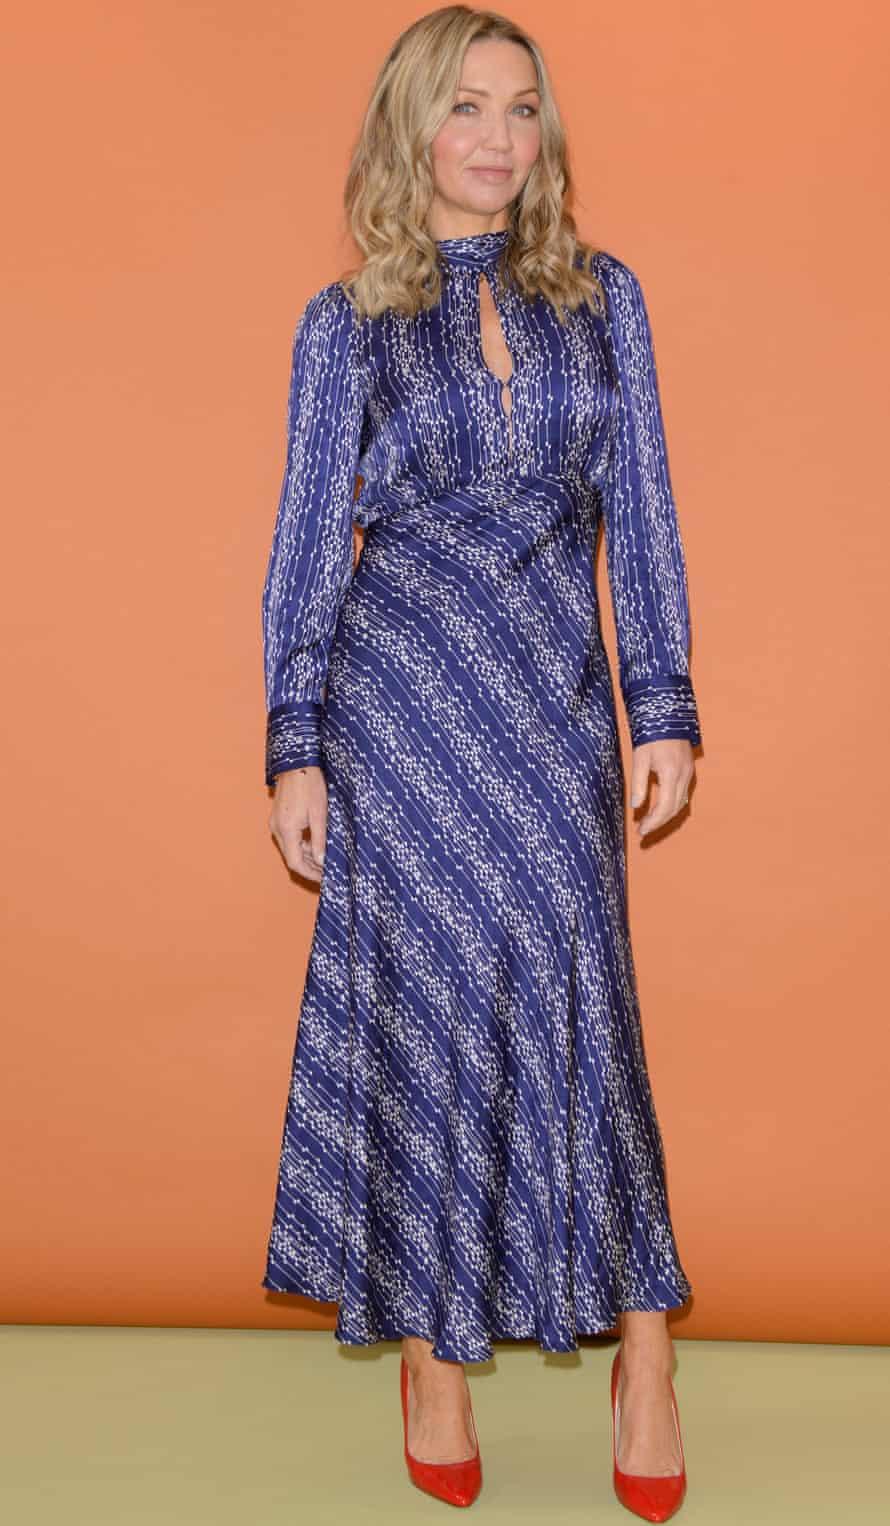 Jess Cartner-Morley in high waist dress